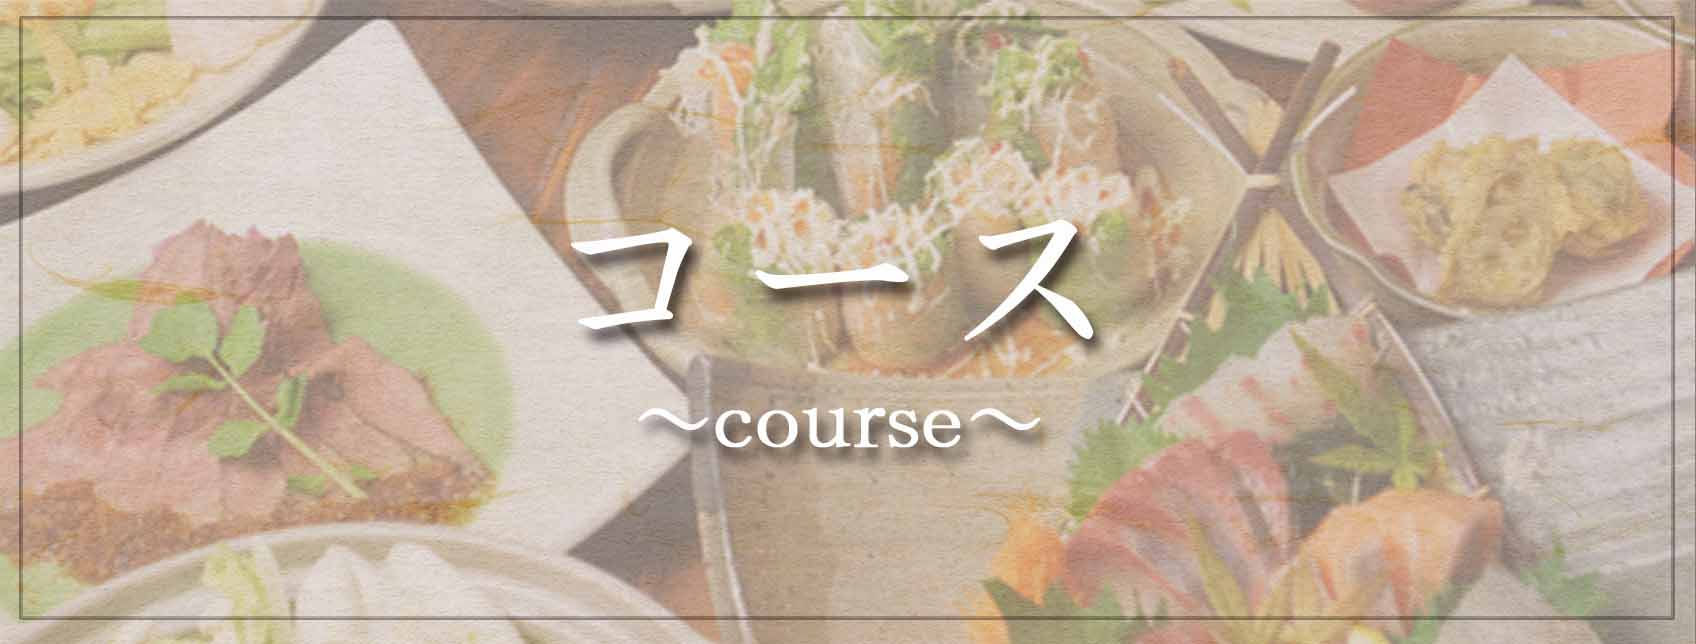 menu-img